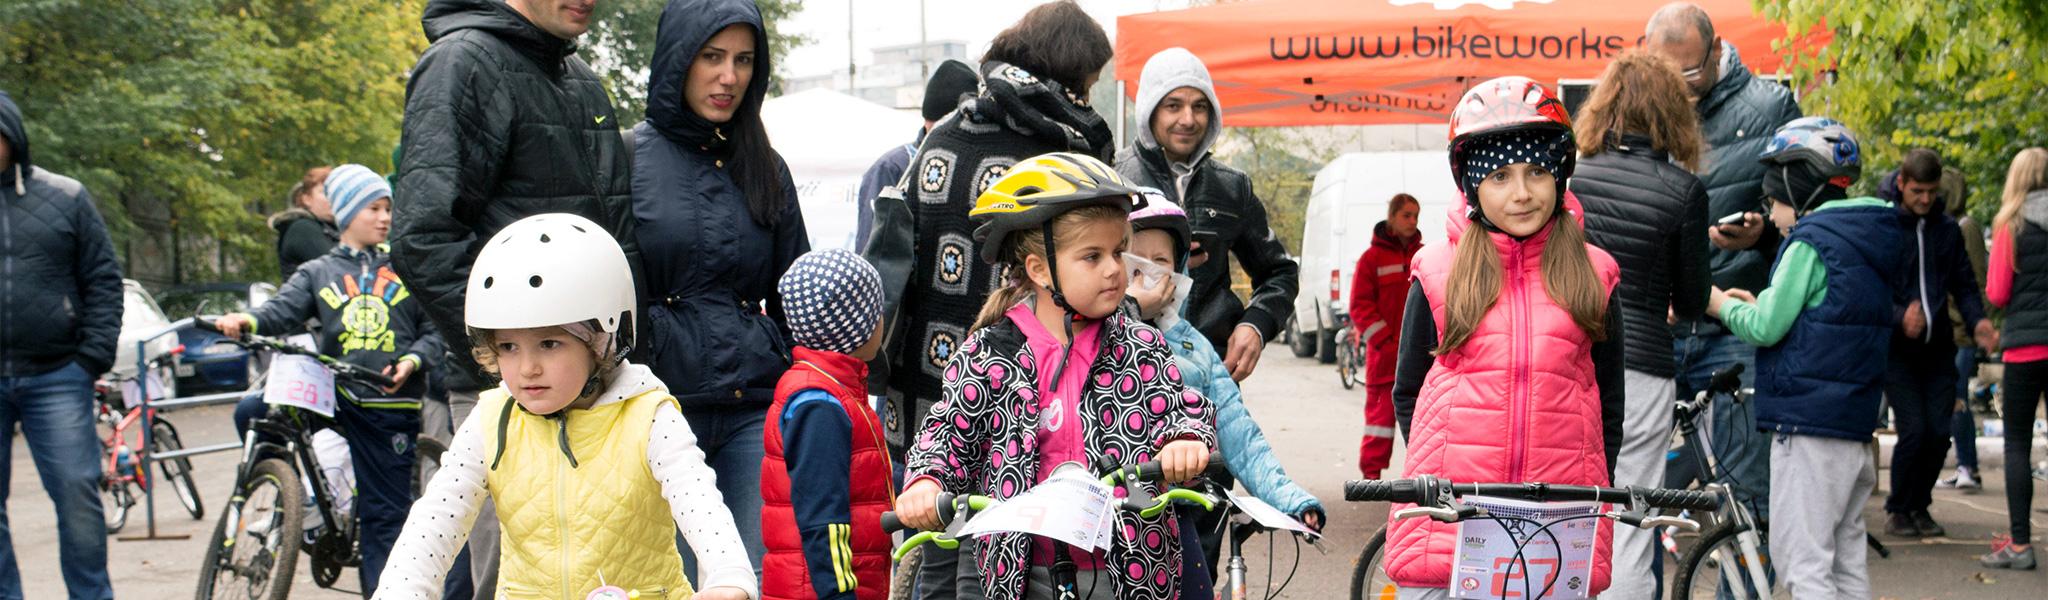 juniorii pedaleaza